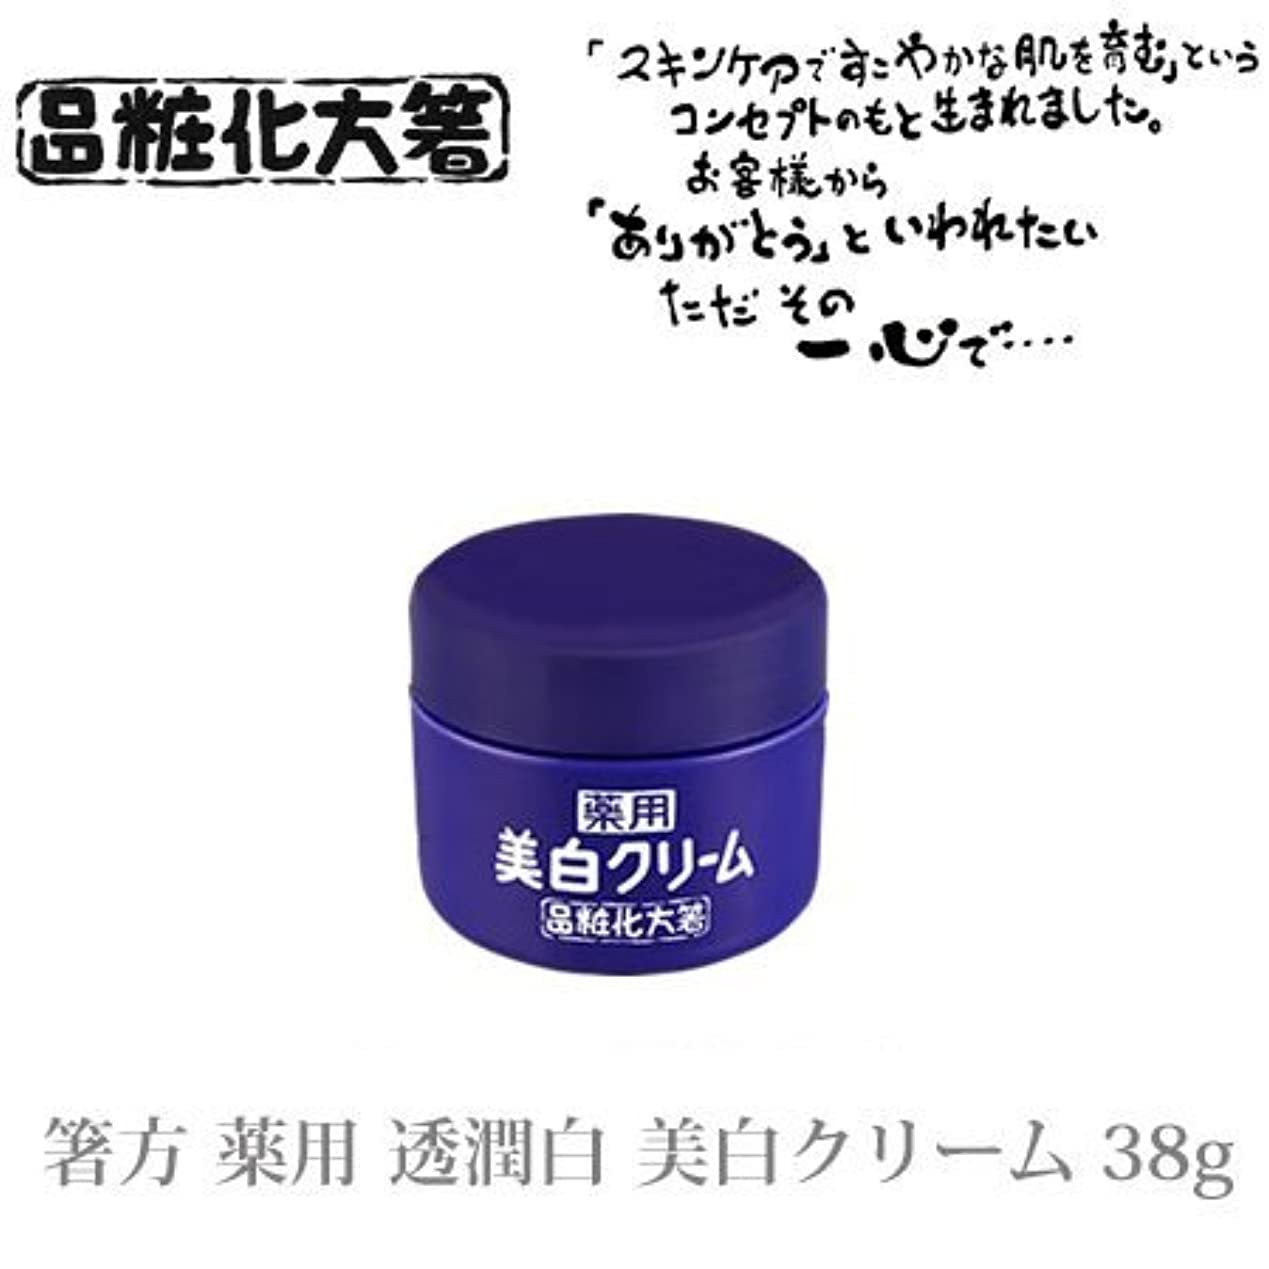 ベギン残るファセット箸方化粧品 薬用 透潤白 美白クリーム 38g はしかた化粧品